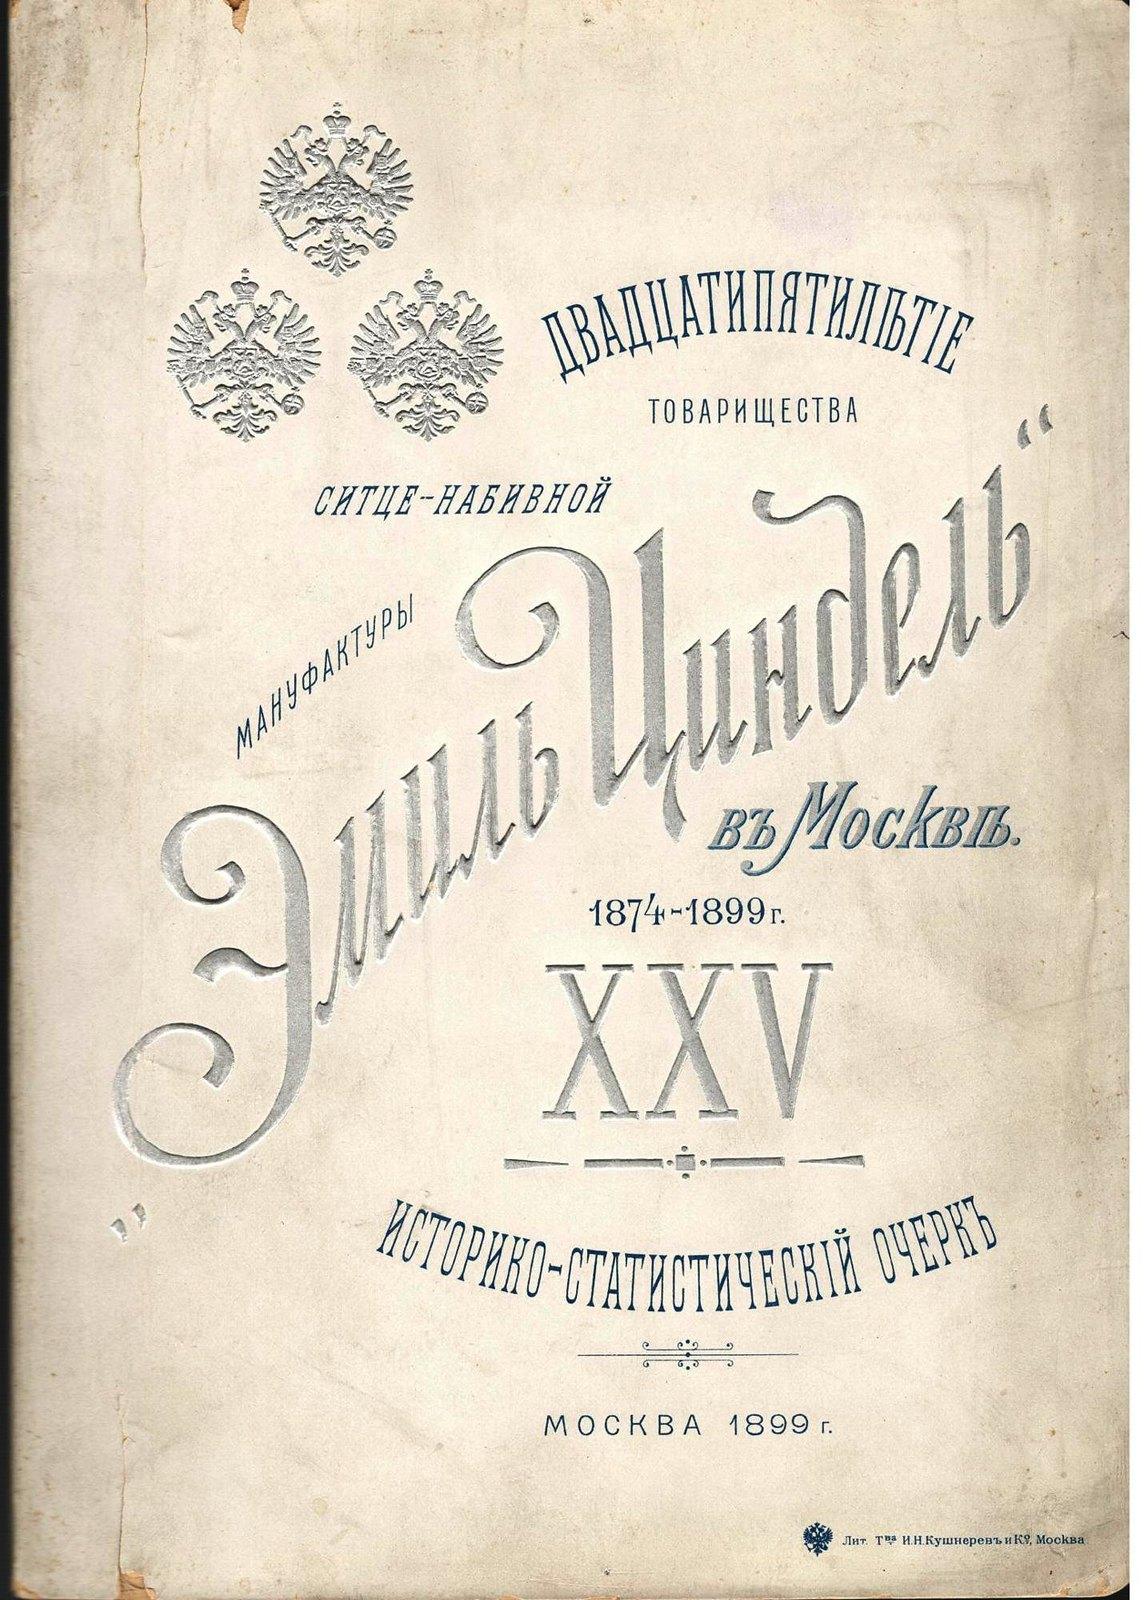 1899. 25-летие ситце-набивной мануфактуры Эмиль Циндель